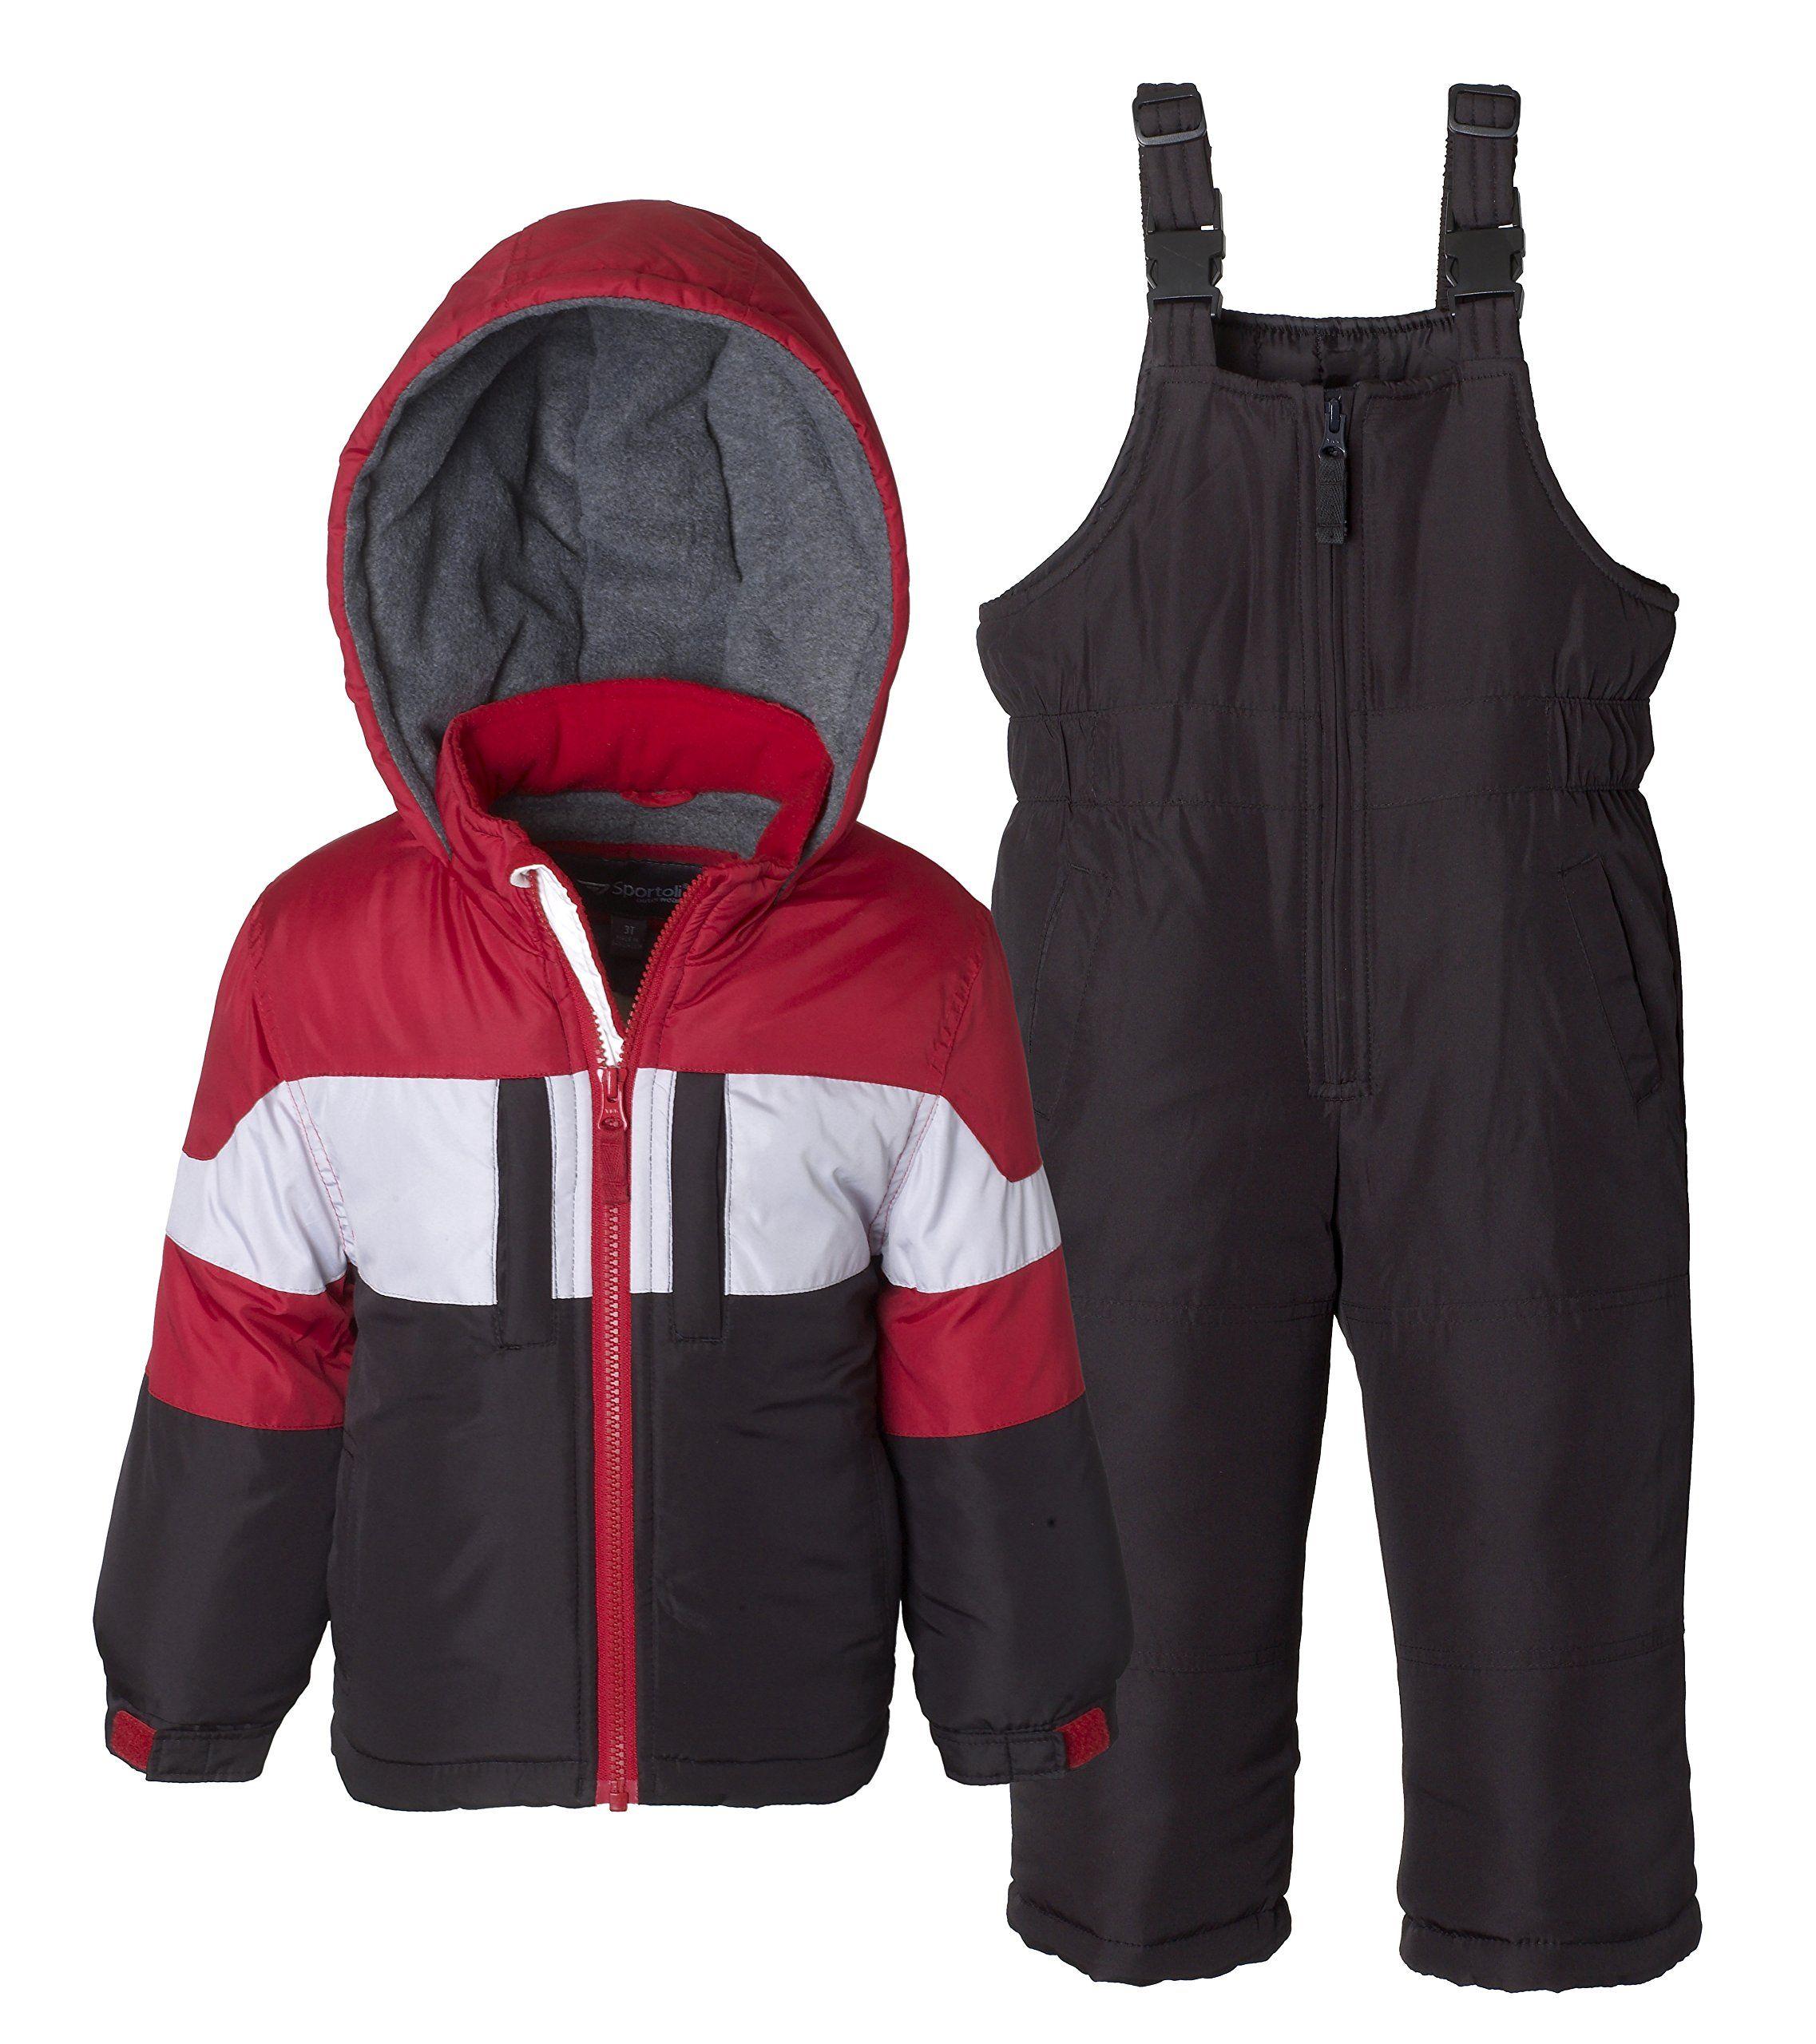 97ef5b433 Sportoli Boys Kids Winter Snowboard Skiing Parka Jacket   Snow Bib ...